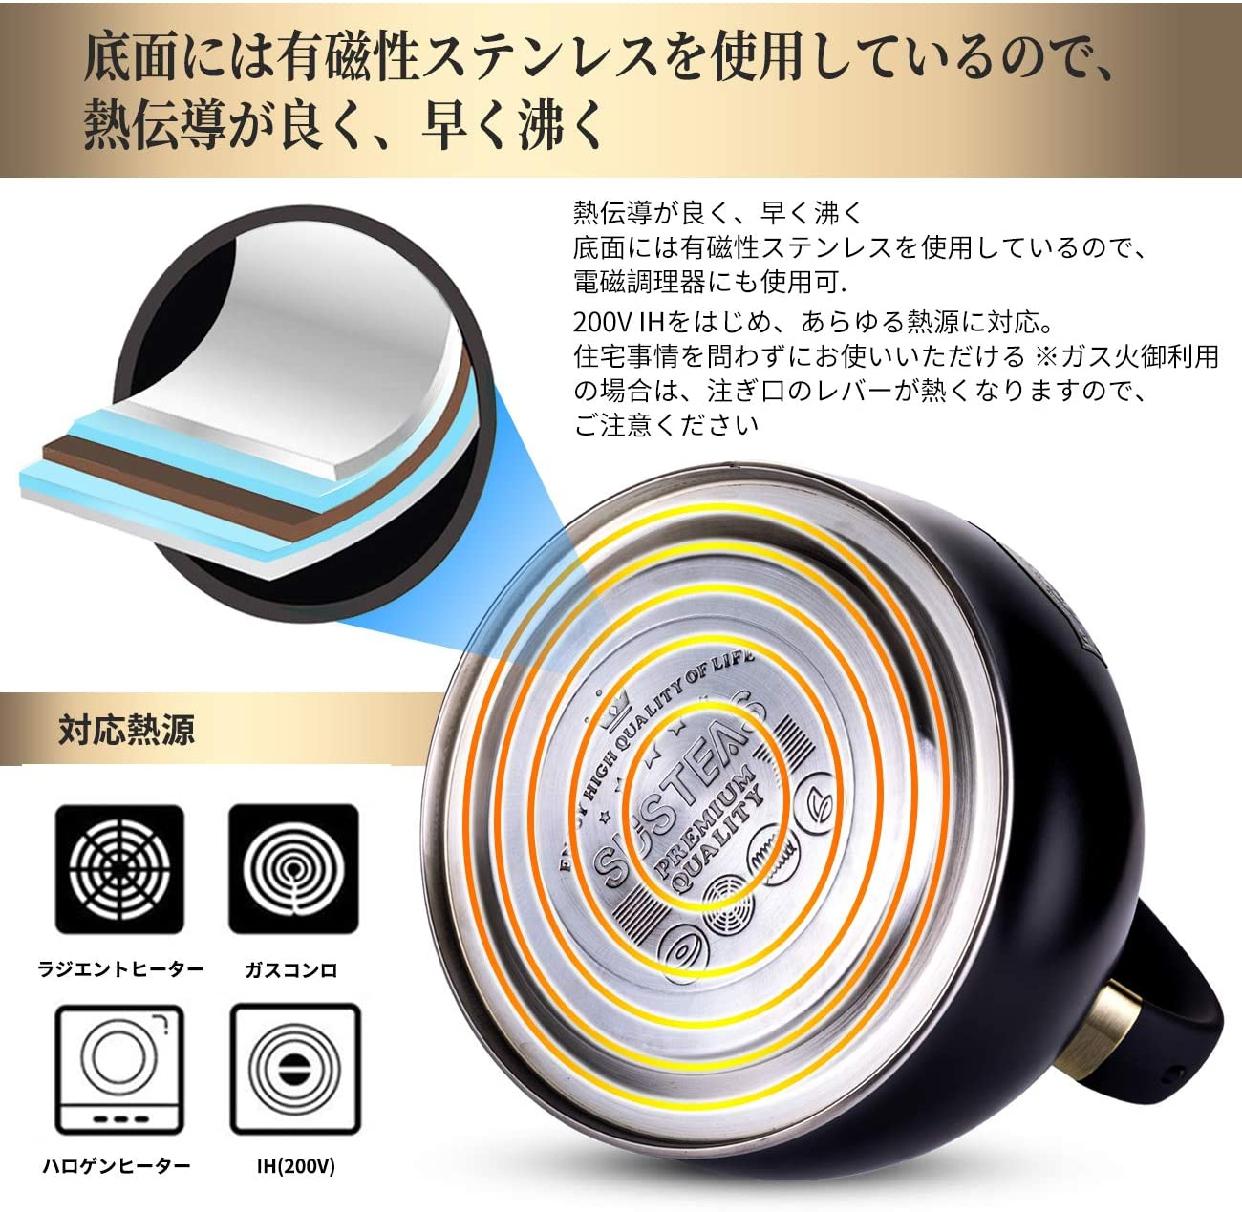 SUSTEAS(サスティーズ) 笛吹きケトル 2.5Lの商品画像4